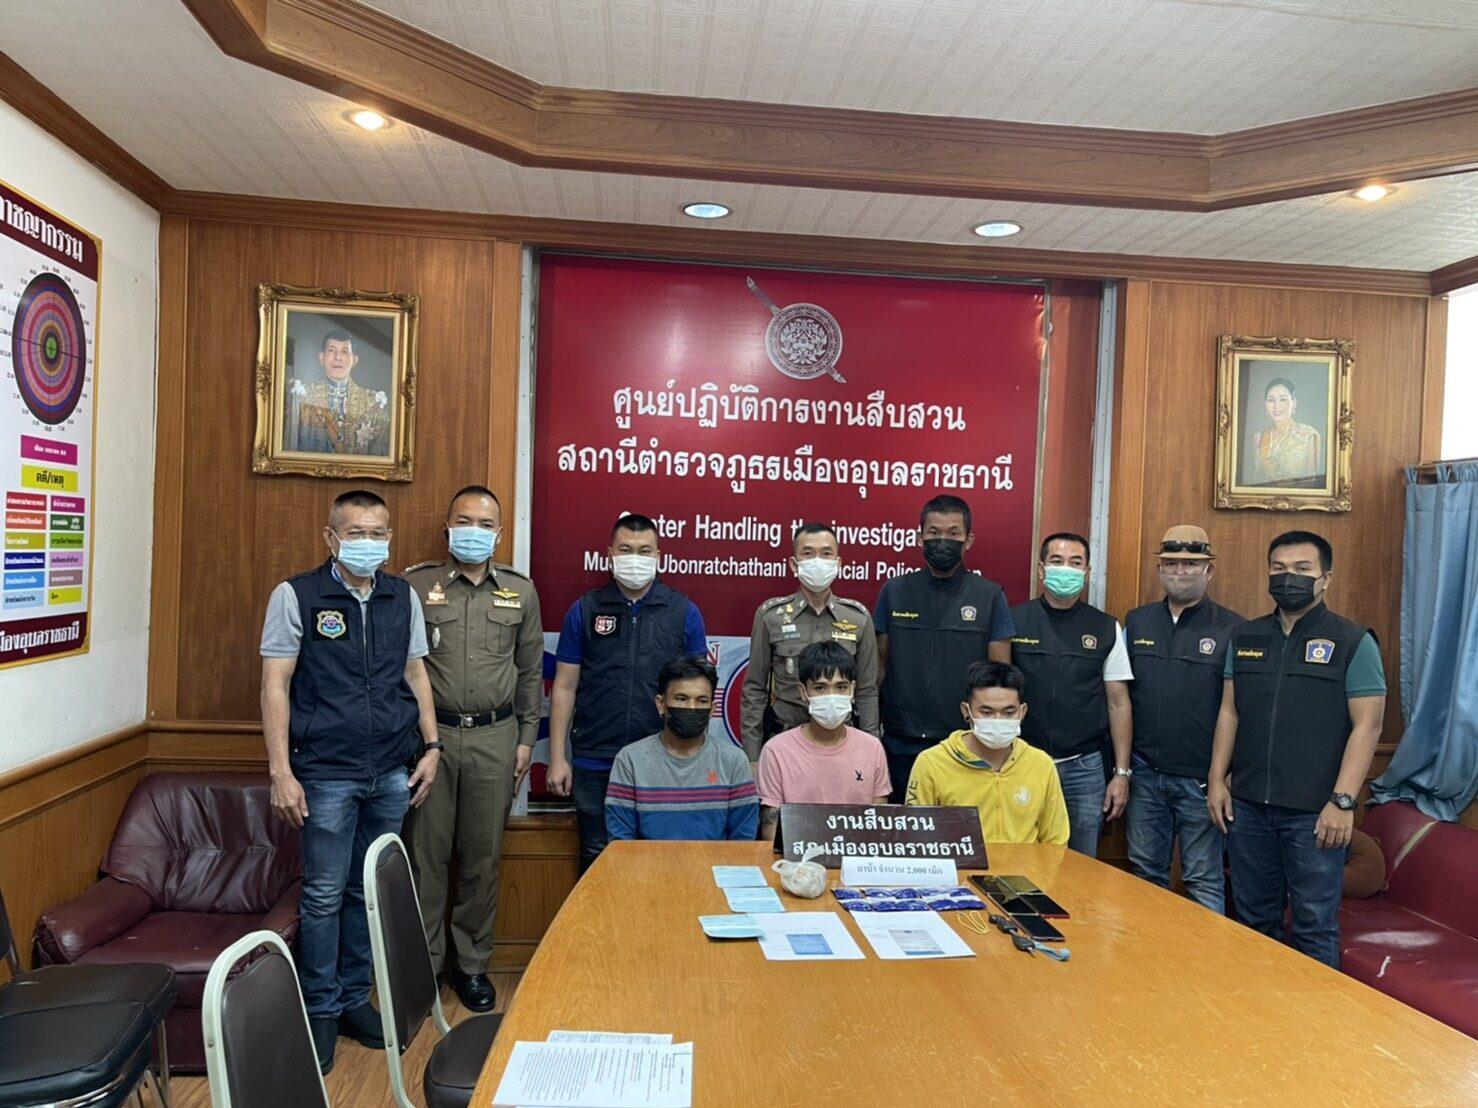 สภ.เมืองอุบลฯจับกุมเครือข่ายยาเสพติดข้ามชาติ 3 ราย พร้อมยาบ้า 2,000 เม็ด